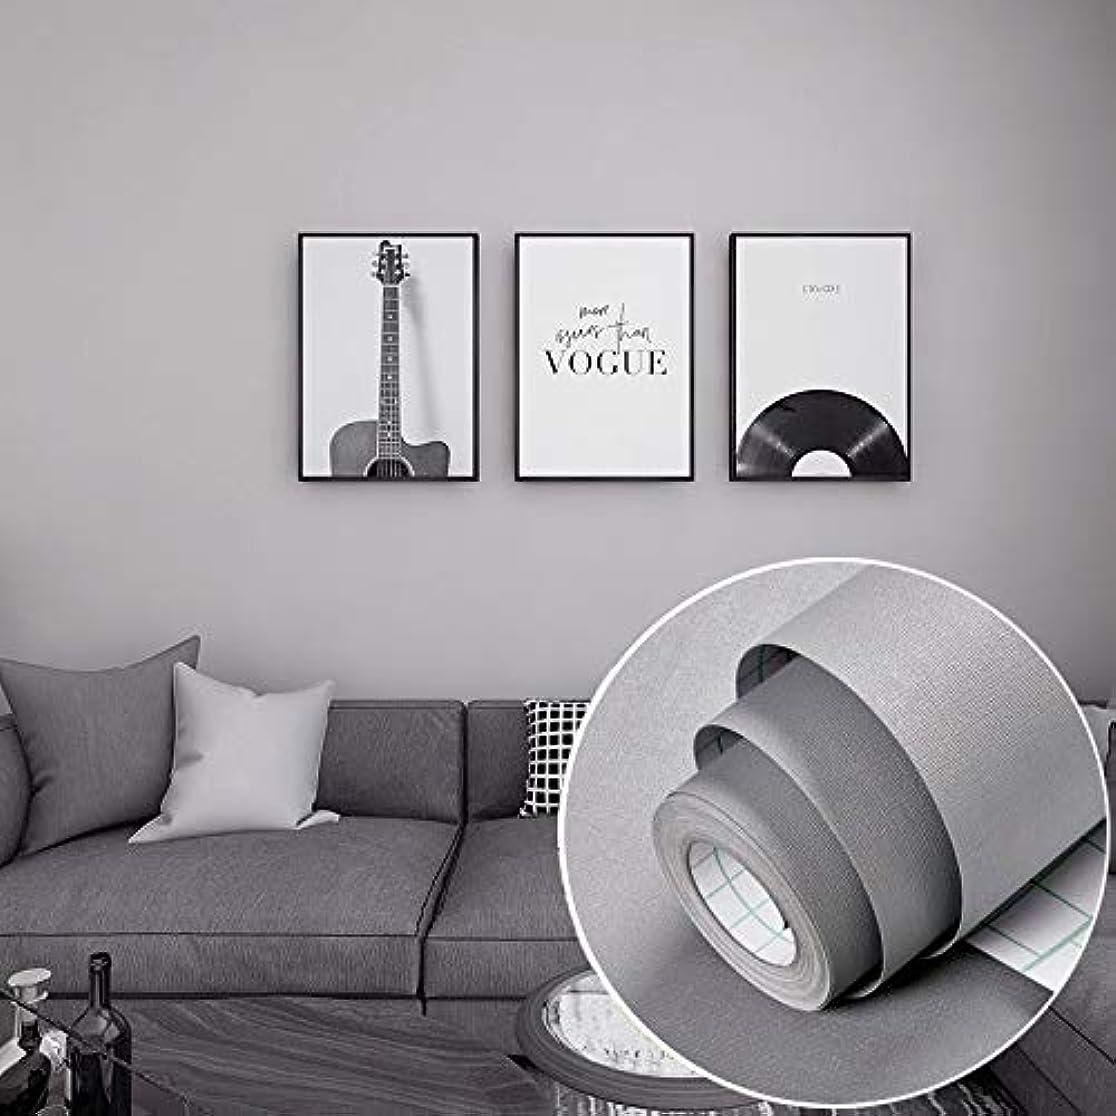 プロテスタント情熱的法律により60cm*5m 壁紙シール 簡単貼付シール 自己接着壁紙 DIY はがせる 防水 耐油性 高温耐性 補修 リメイクシート (グレー, 60cm*5m)